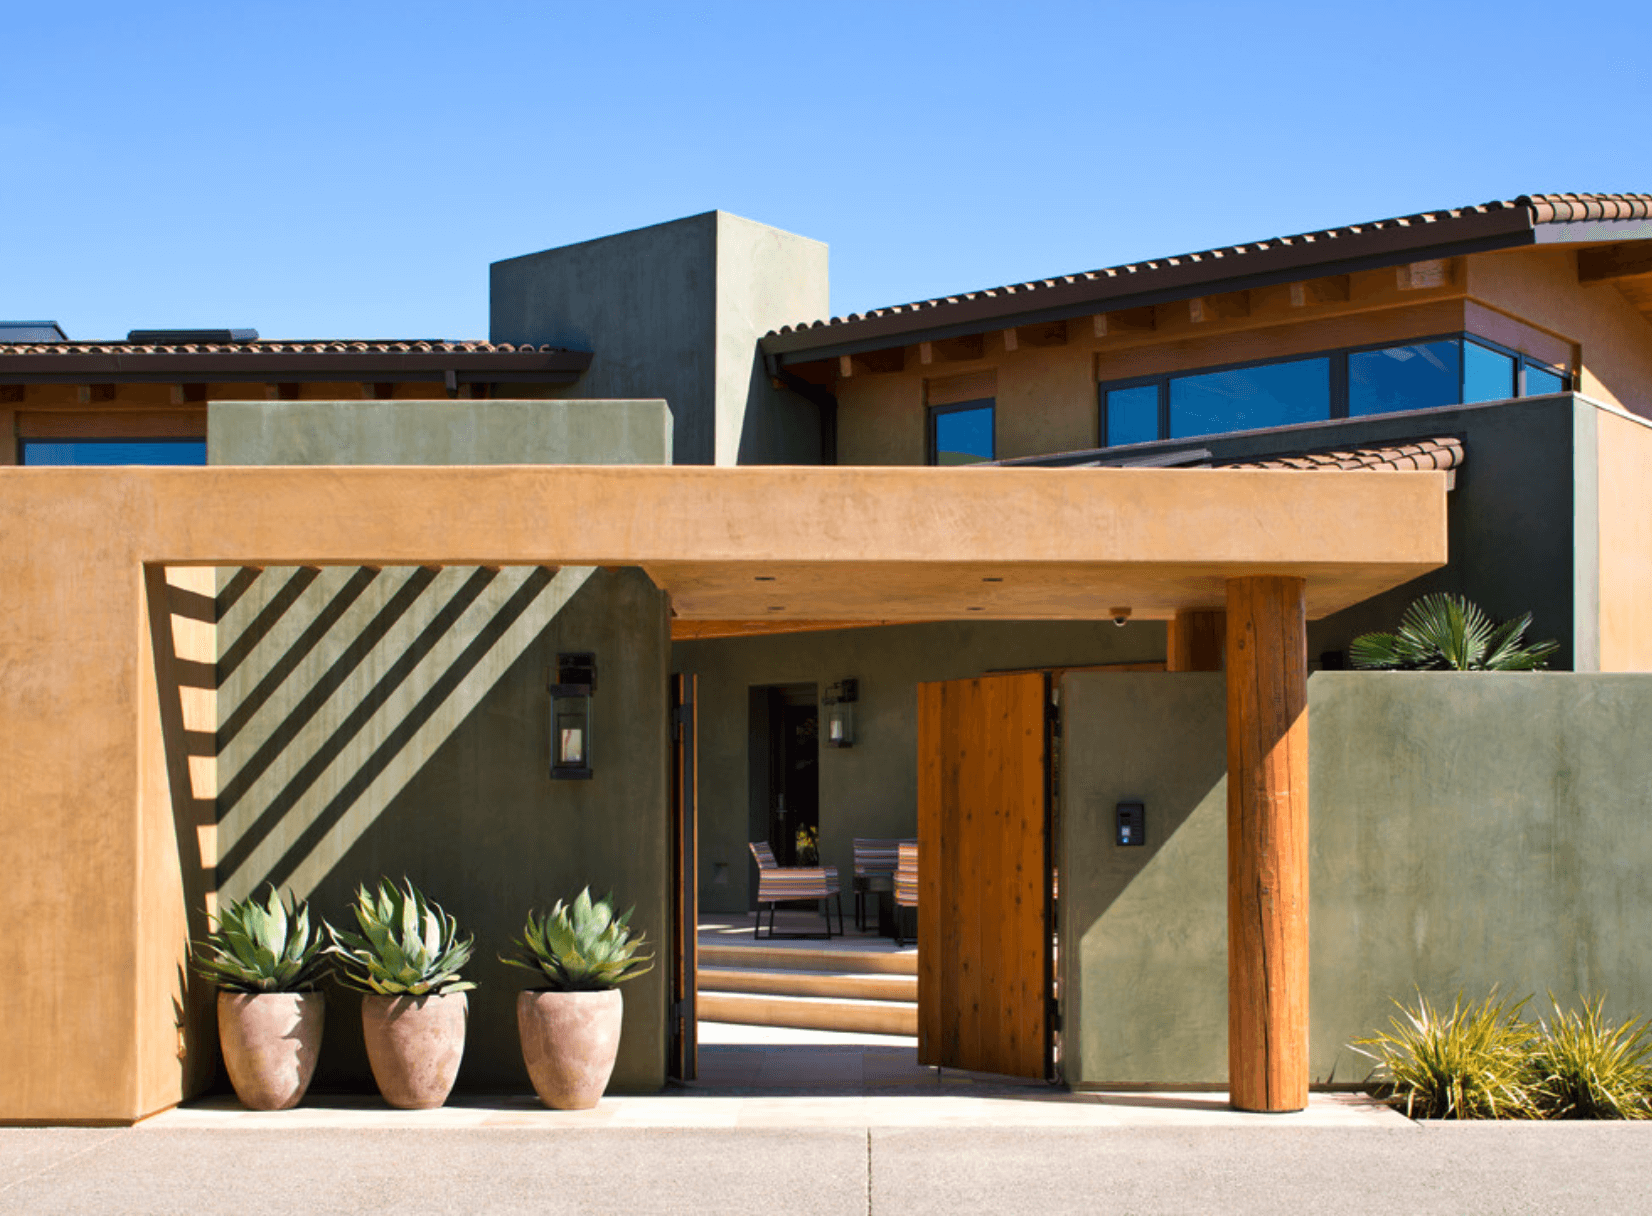 Fachadas de casas de campo simple fachadas de casas de for Fachada de casas